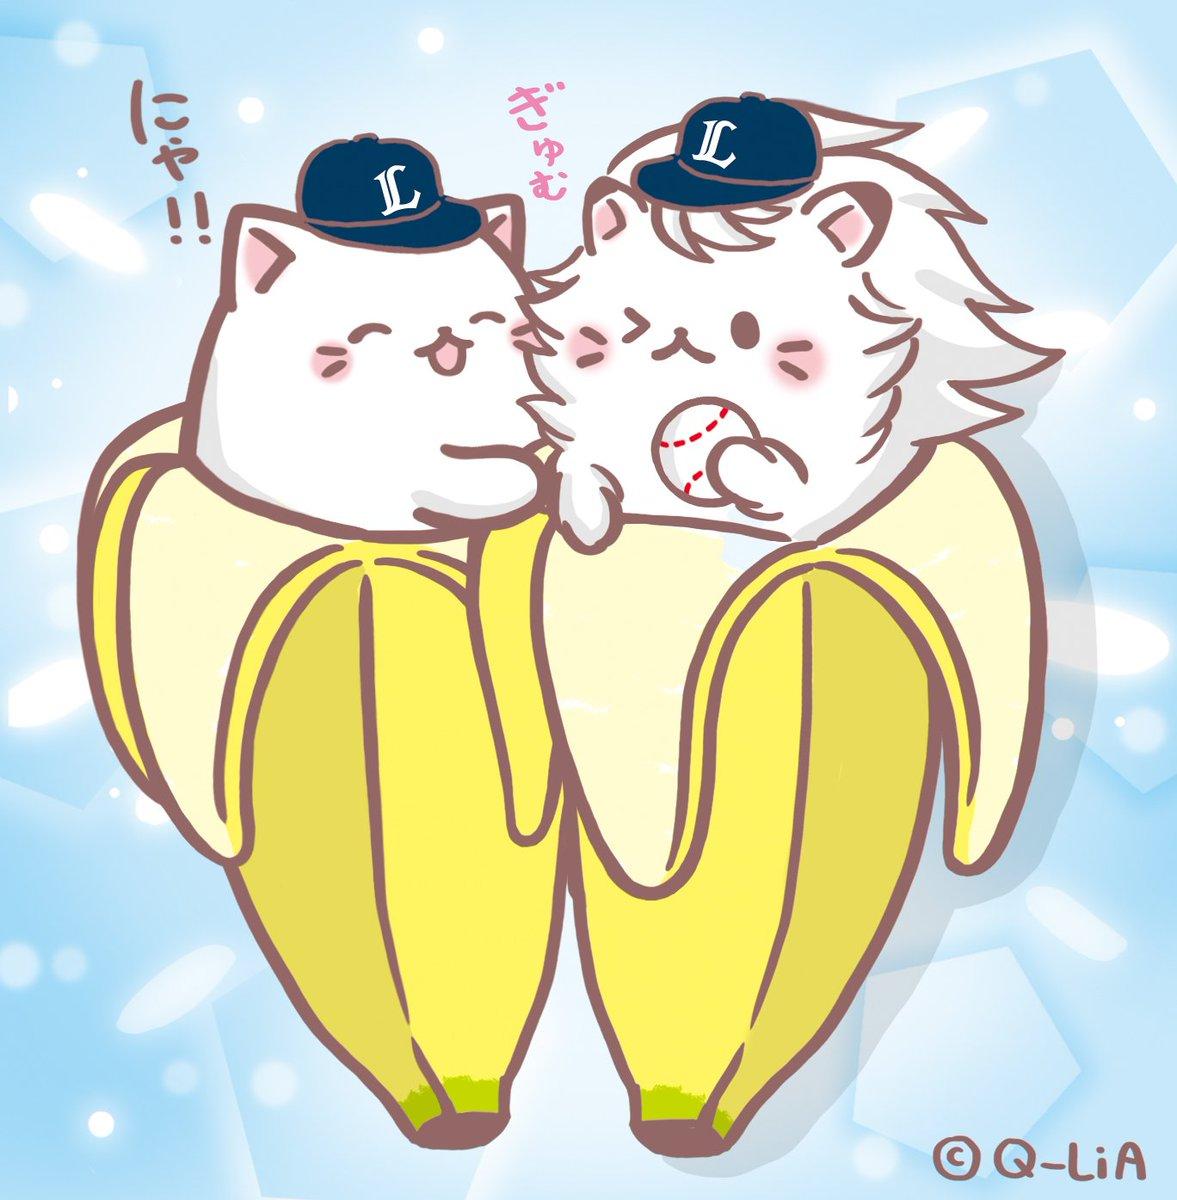 8月9日は #ハグの日 と #野球の日  にゃ!! ばなにゃは所沢に住んでいるので、埼玉西武ライオンズを今日はハグして応